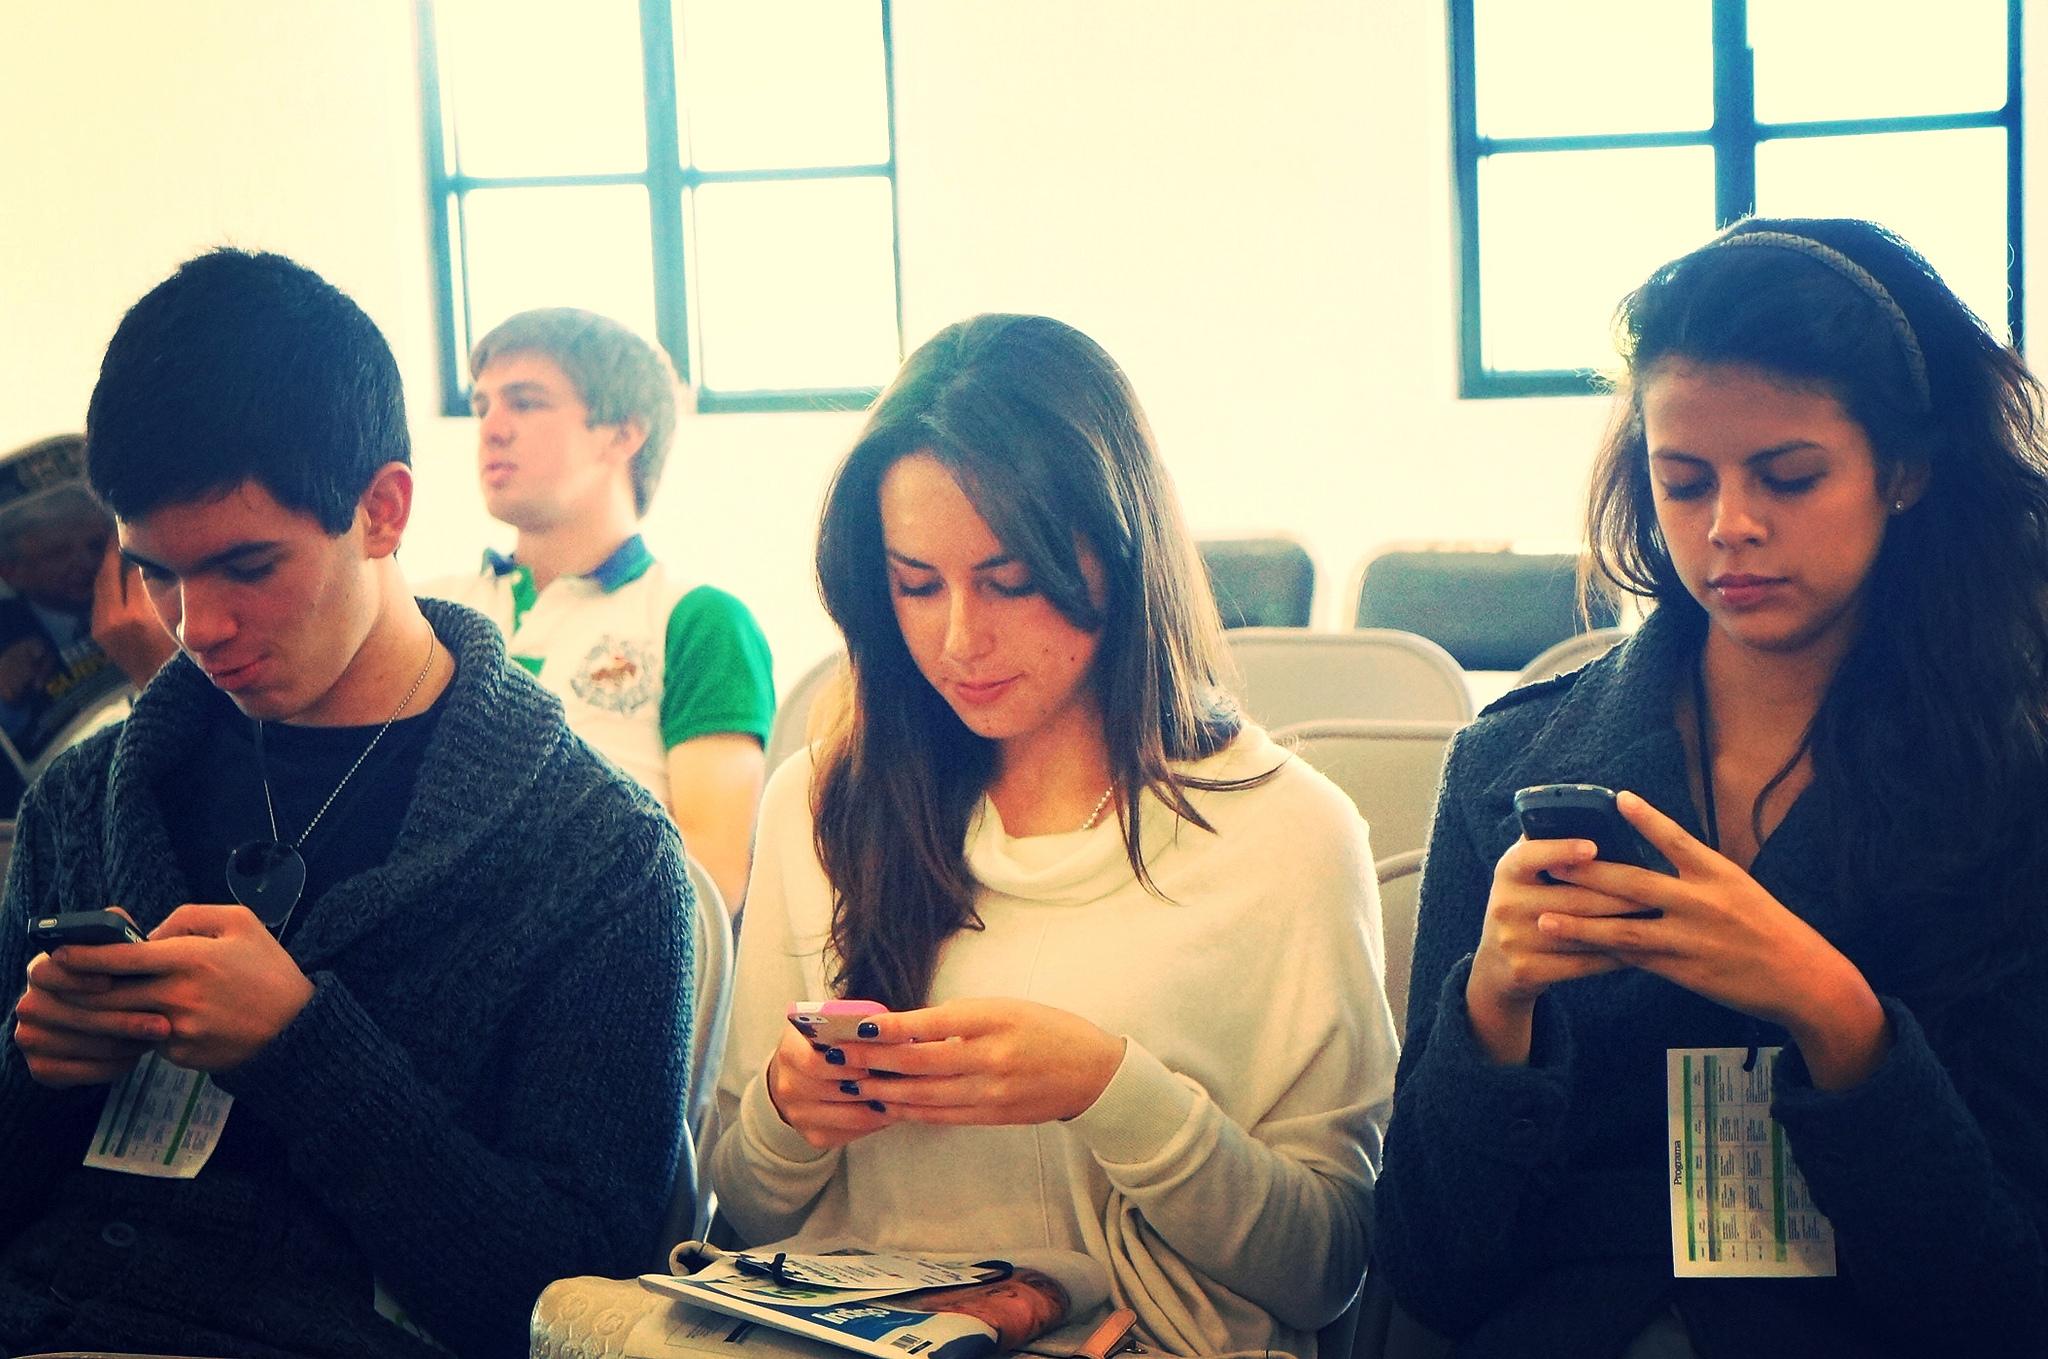 photo, millennials on smartphones